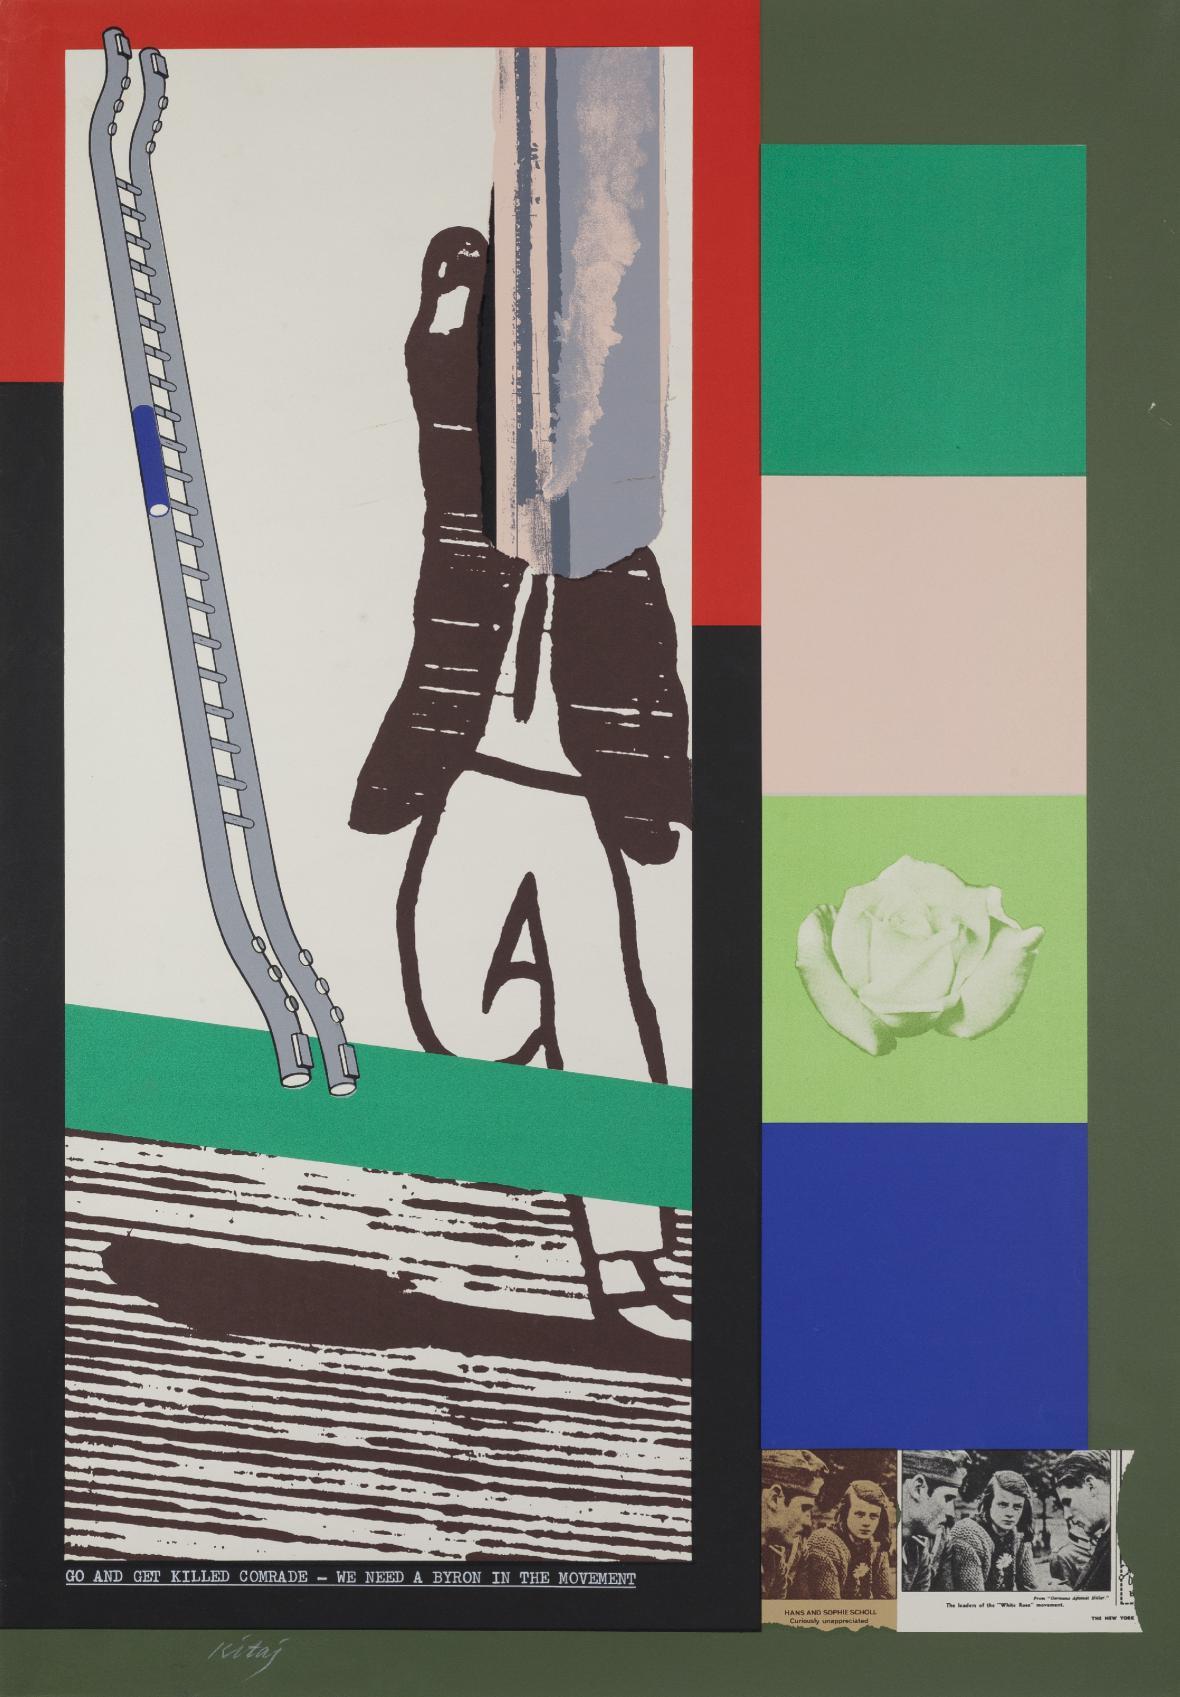 Ronald B. Kitaj / Jdi a nech se zabít, kamaráde, potřebujeme svého Byrona, 1966